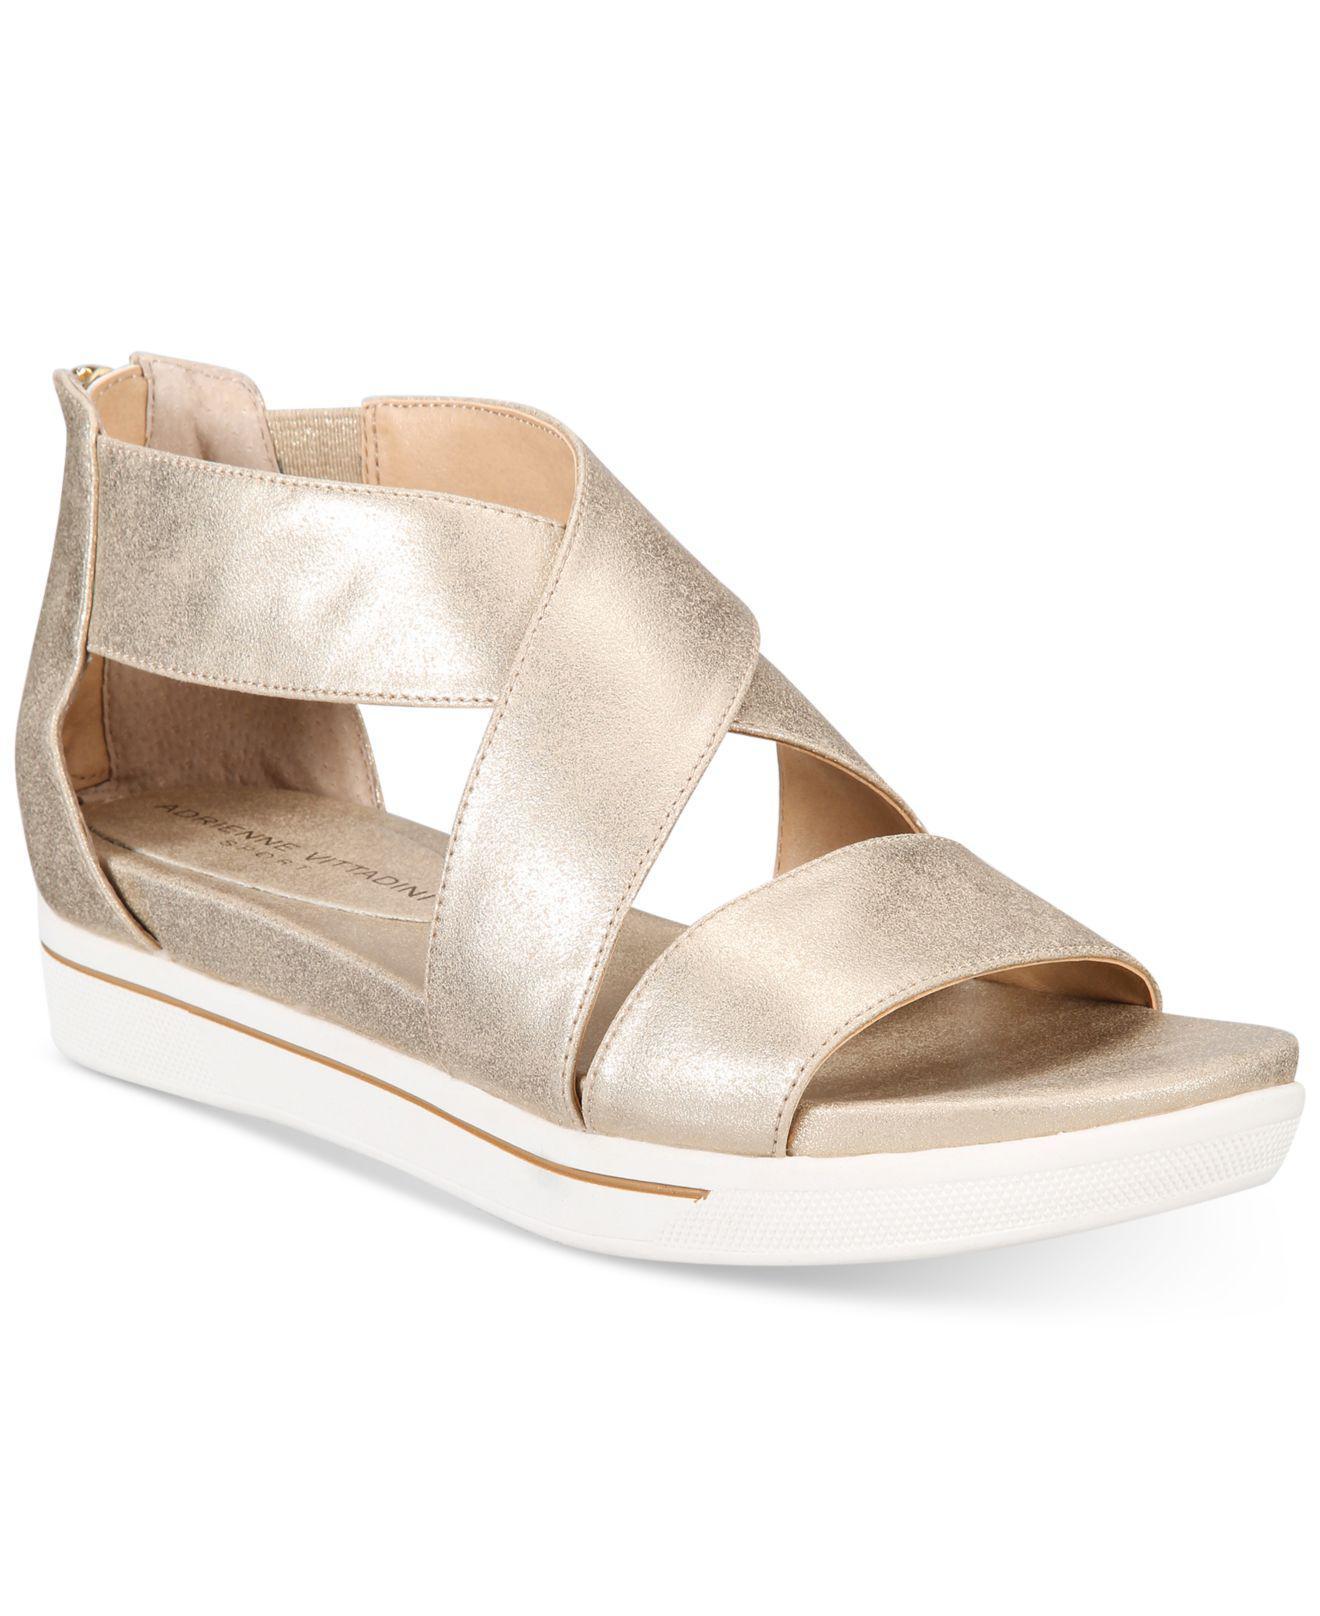 3e965eb142d Lyst - Adrienne Vittadini Claud Sport Flatform Sandals in Metallic